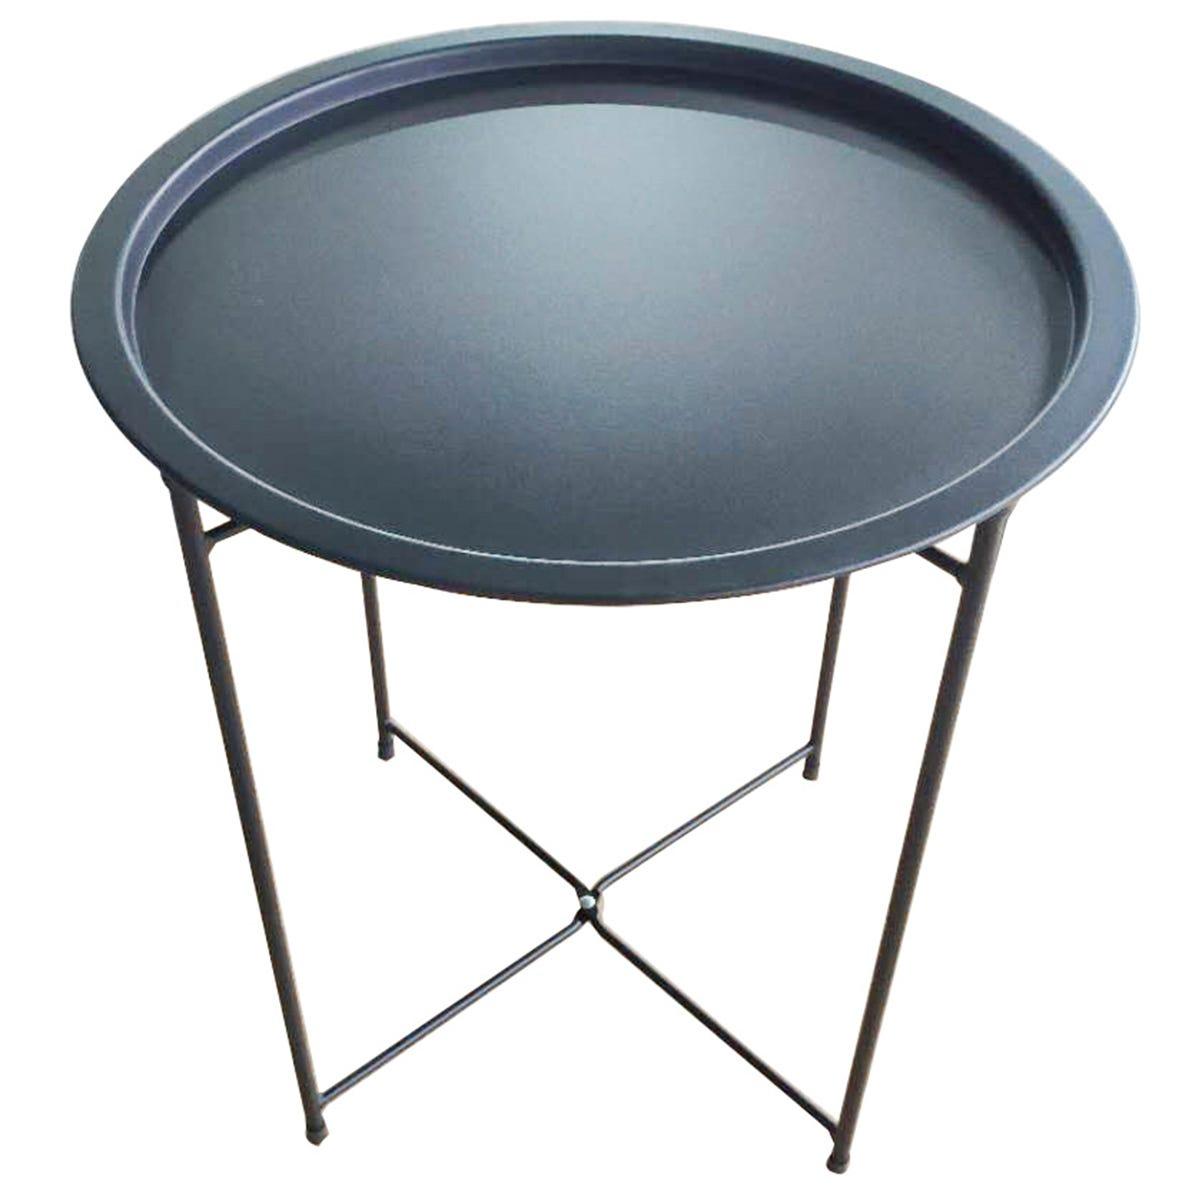 Charles Bentley Steel Side Table - Black